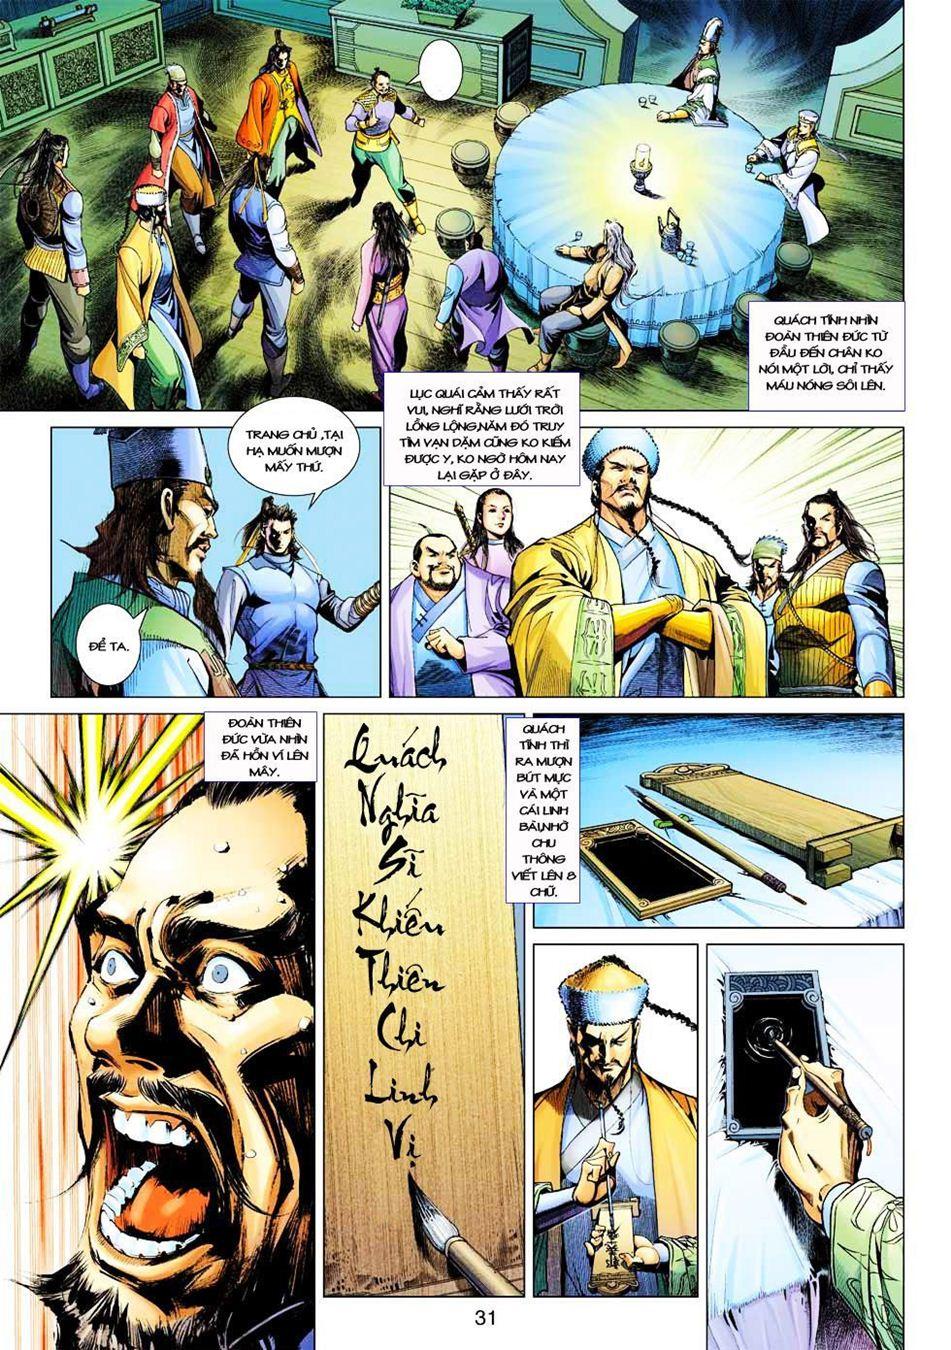 Anh Hùng Xạ Điêu anh hùng xạ đêu chap 33 trang 31